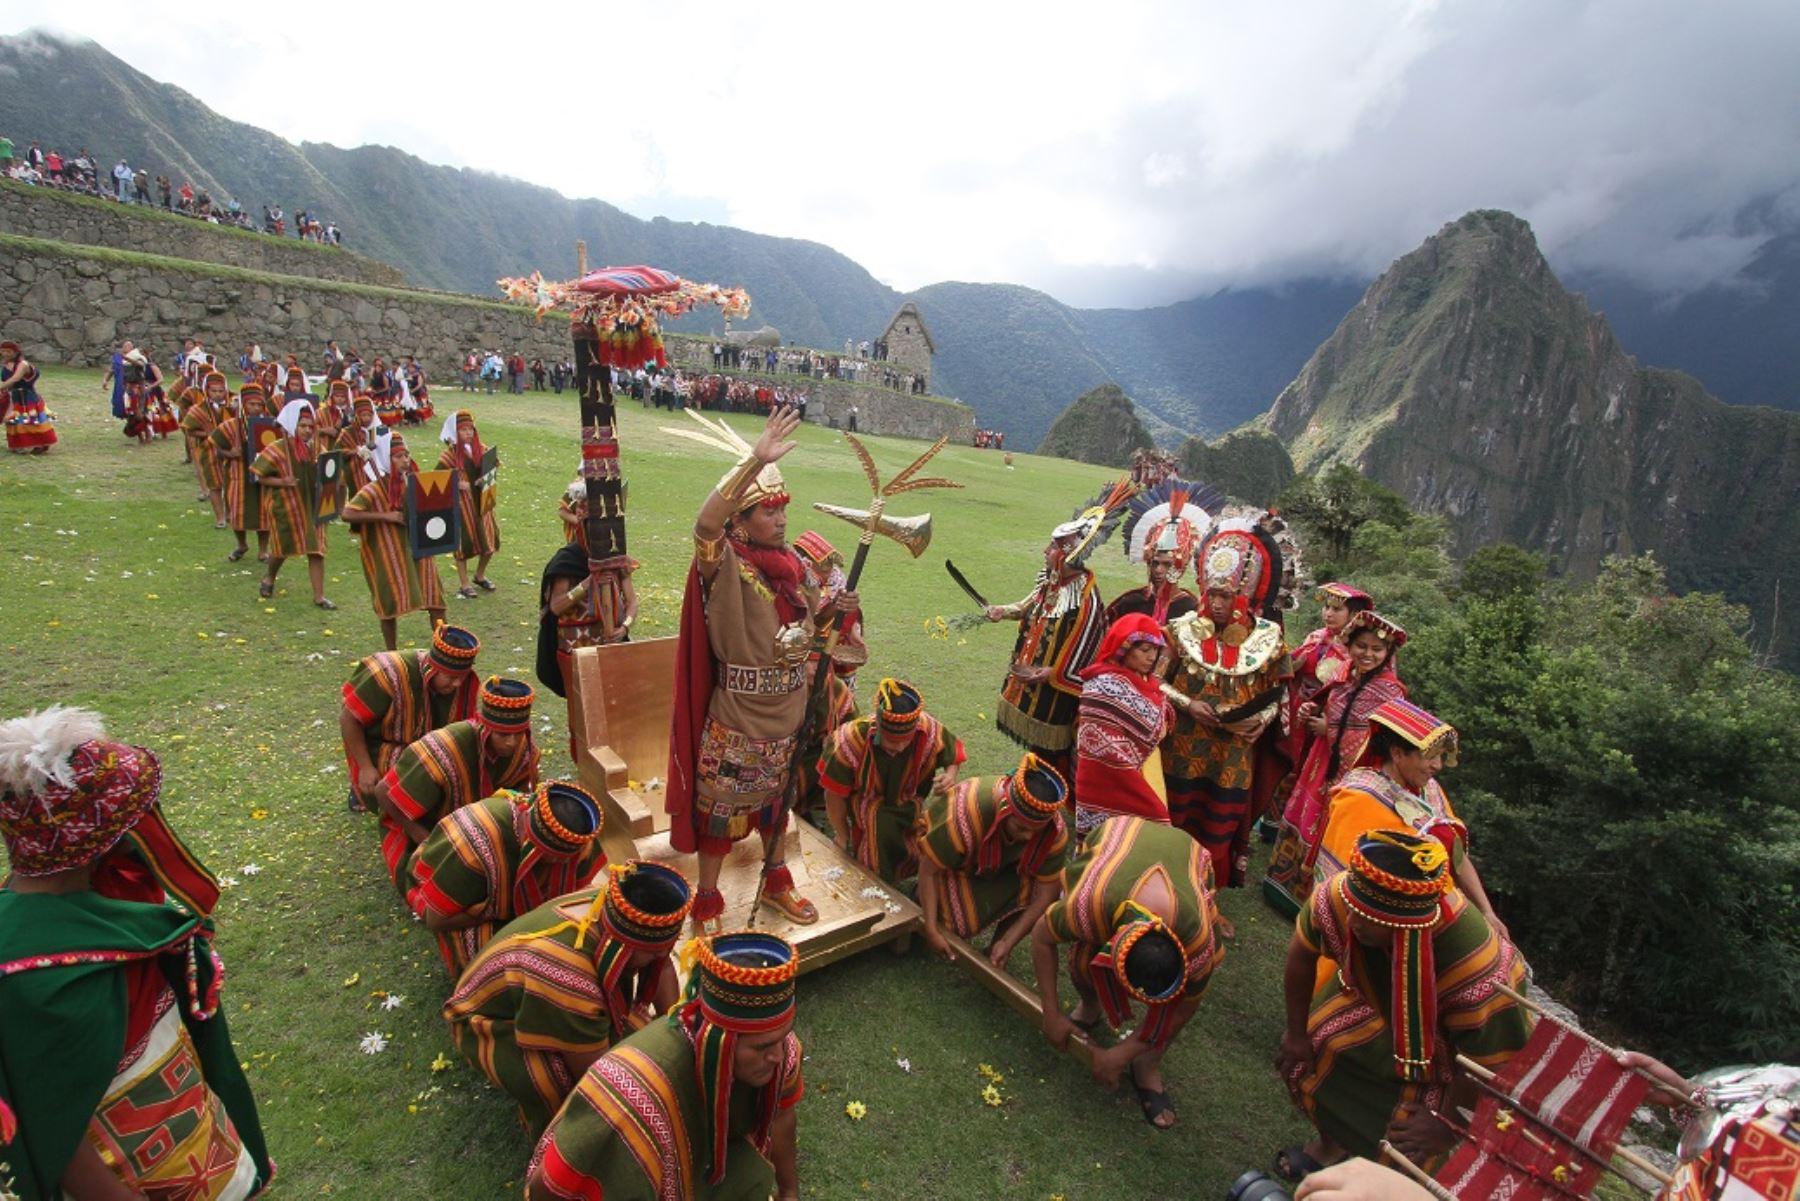 Peru - Page 6 VALLE-SAGRADO-DE-LOS-INCAS-CON-MACHUPICCHU-2-DIAS-1-NOCHE